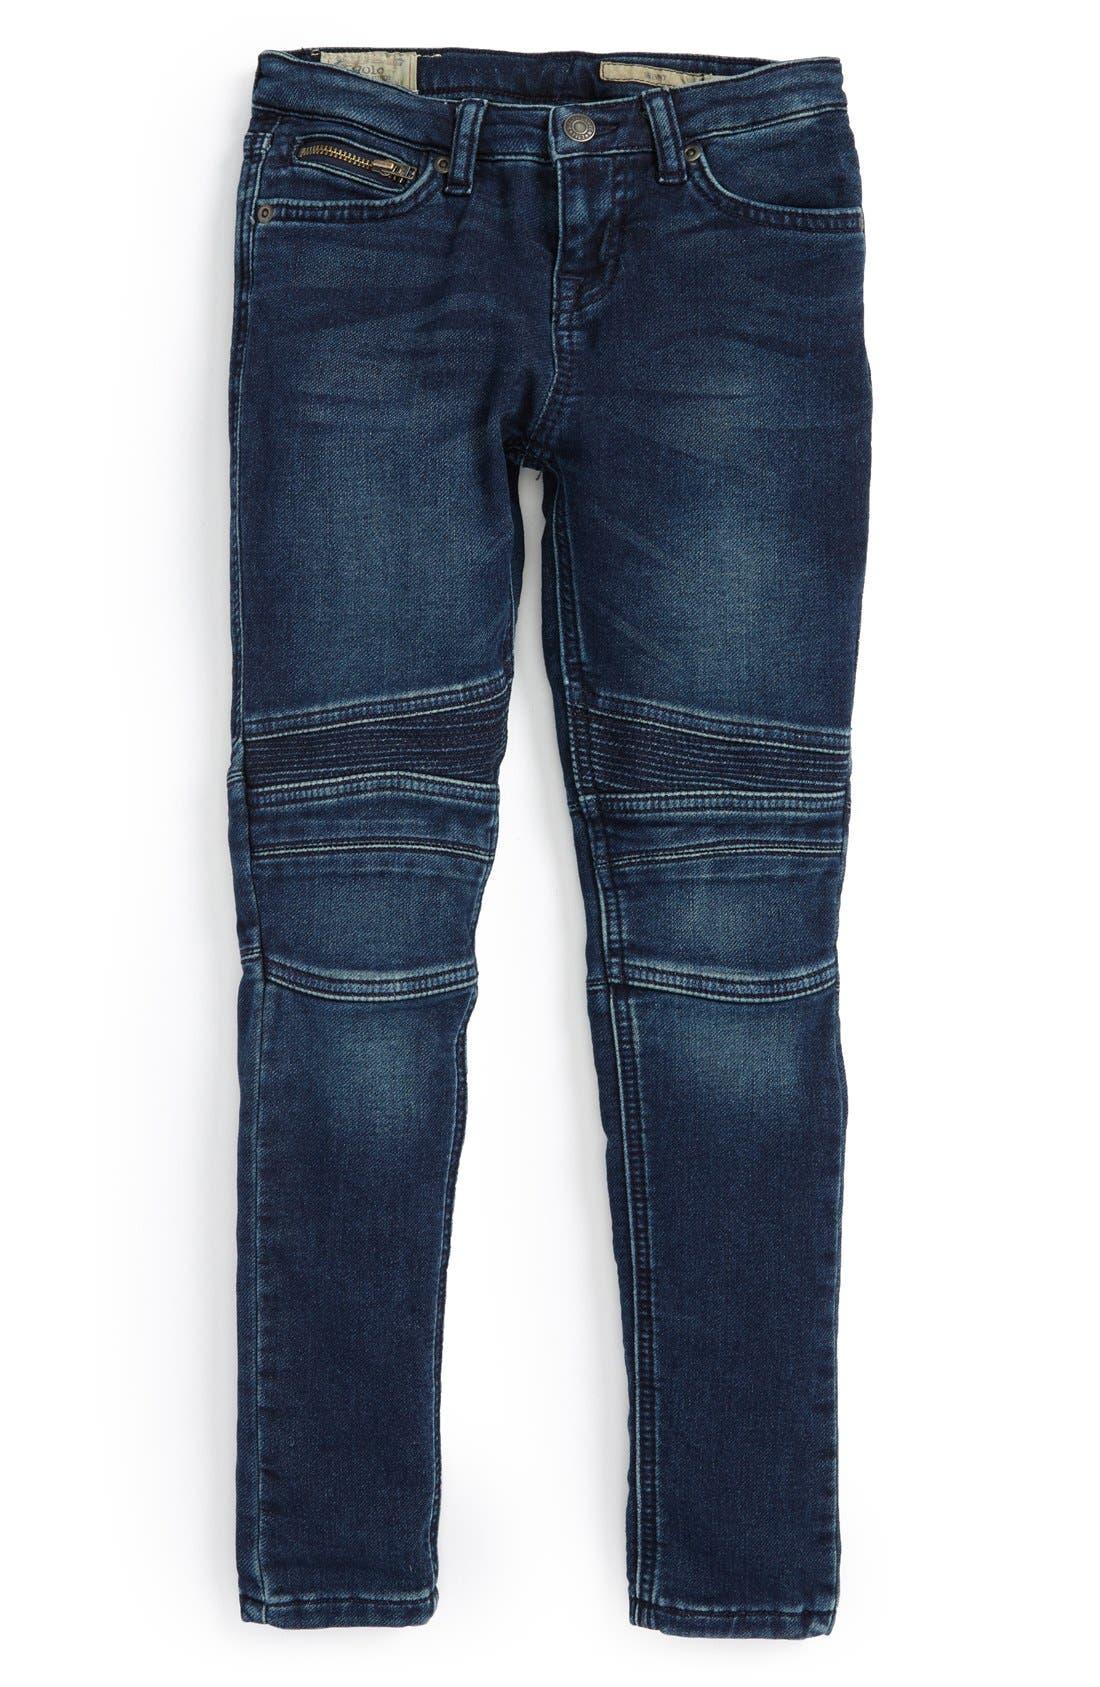 Alternate Image 1 Selected - Ralph Lauren Moto Skinny Jeans (Toddler Girls & Little Girls)